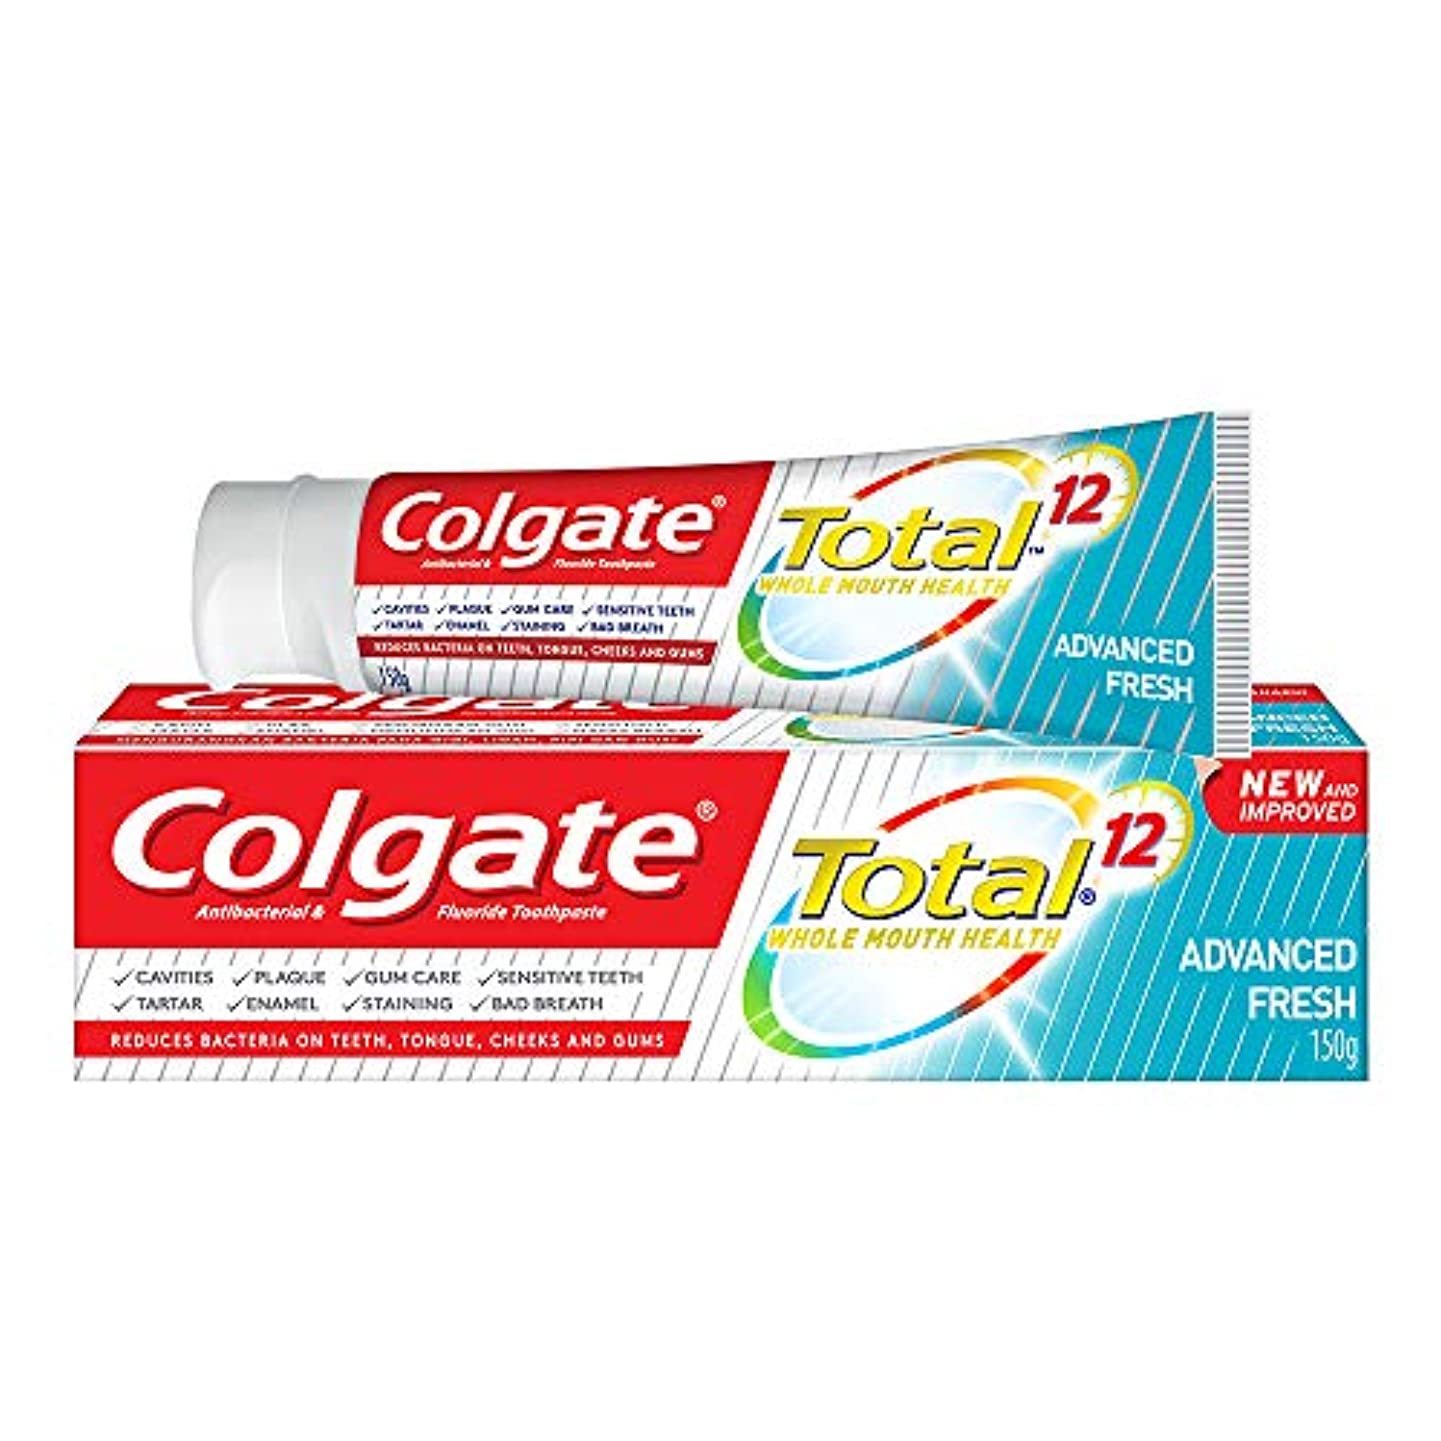 断言する勘違いする彼女のColgate コルゲート トータル トゥースペースト 150g (歯磨き粉) 【歯磨き粉、虫歯予防、アメリカン雑貨】